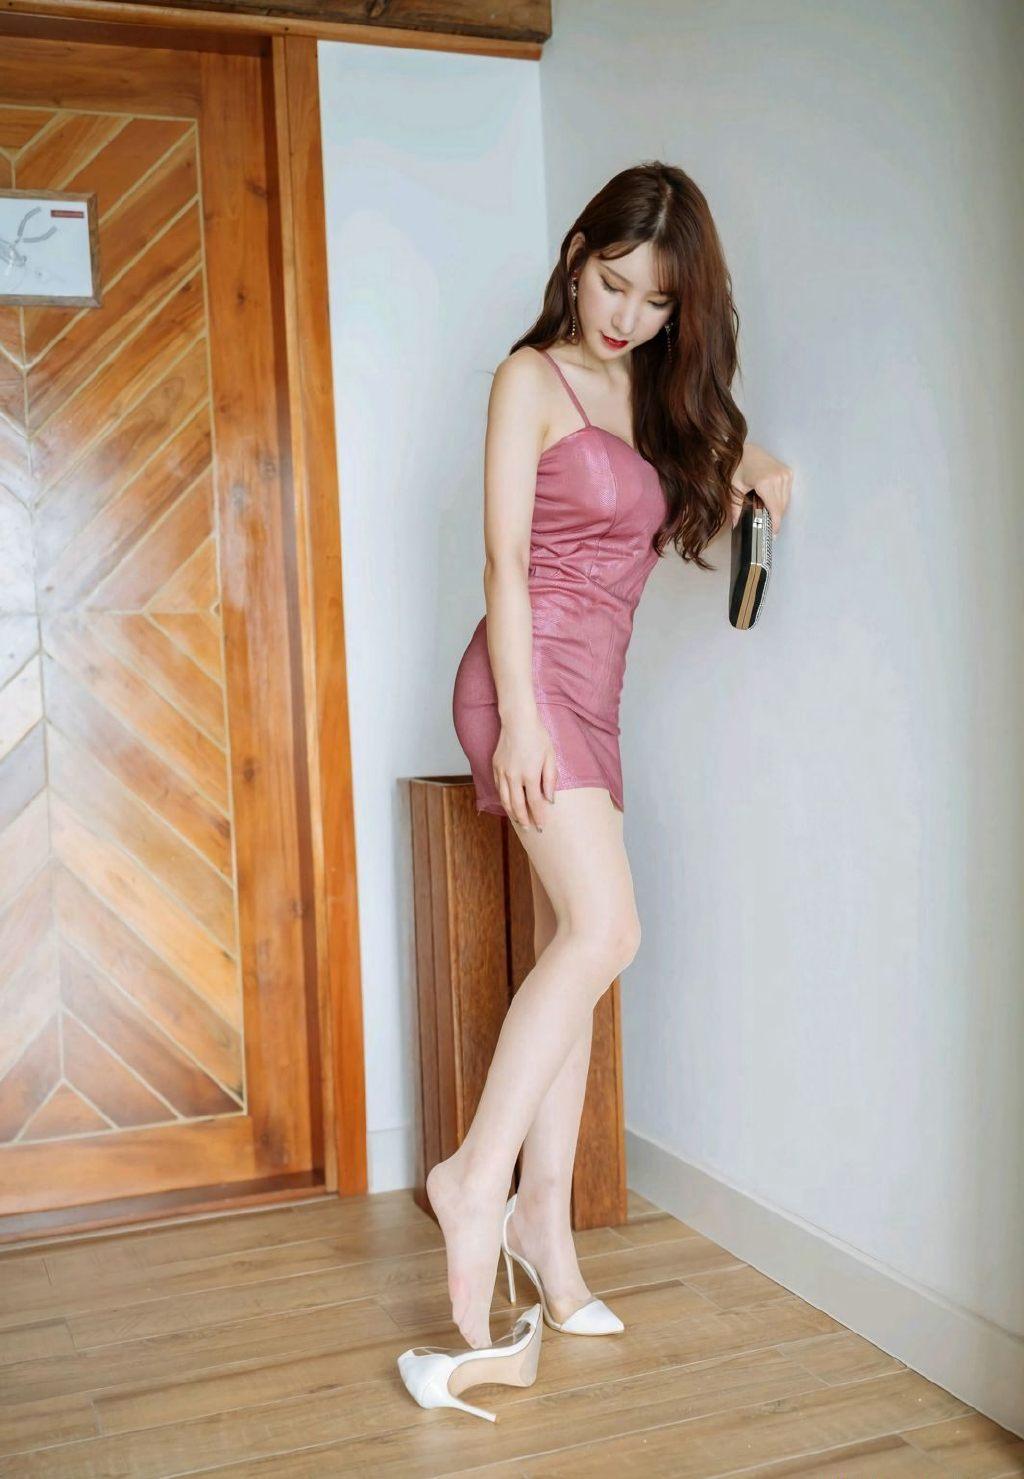 吊带包臀裙美女丝袜美腿性感写真